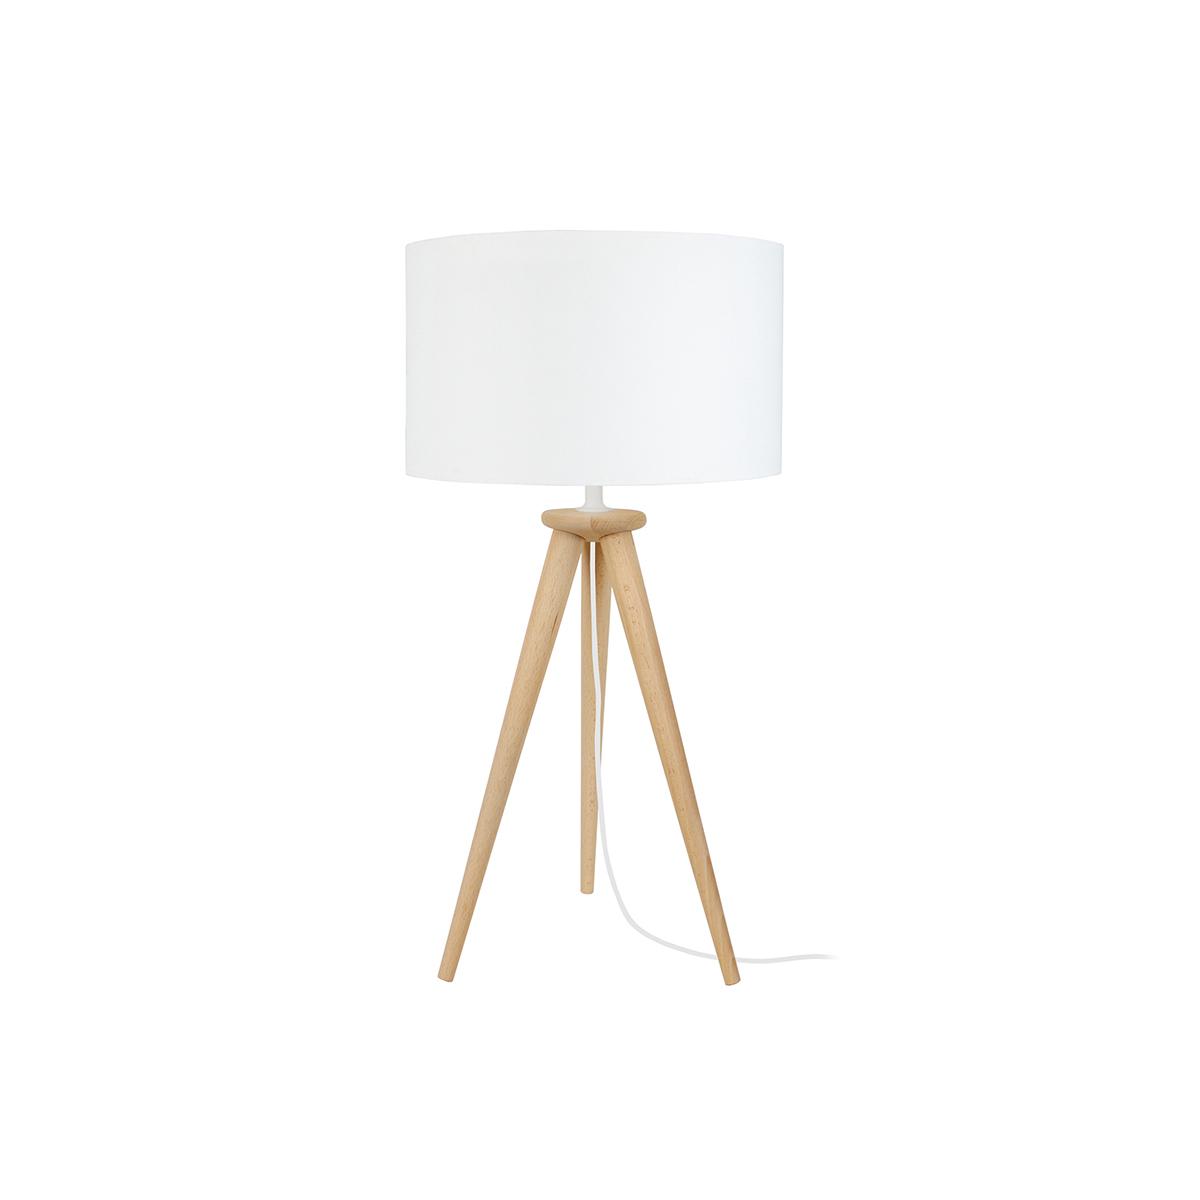 Lampada da tavolo design treppiede in legno naturale TRIPOD